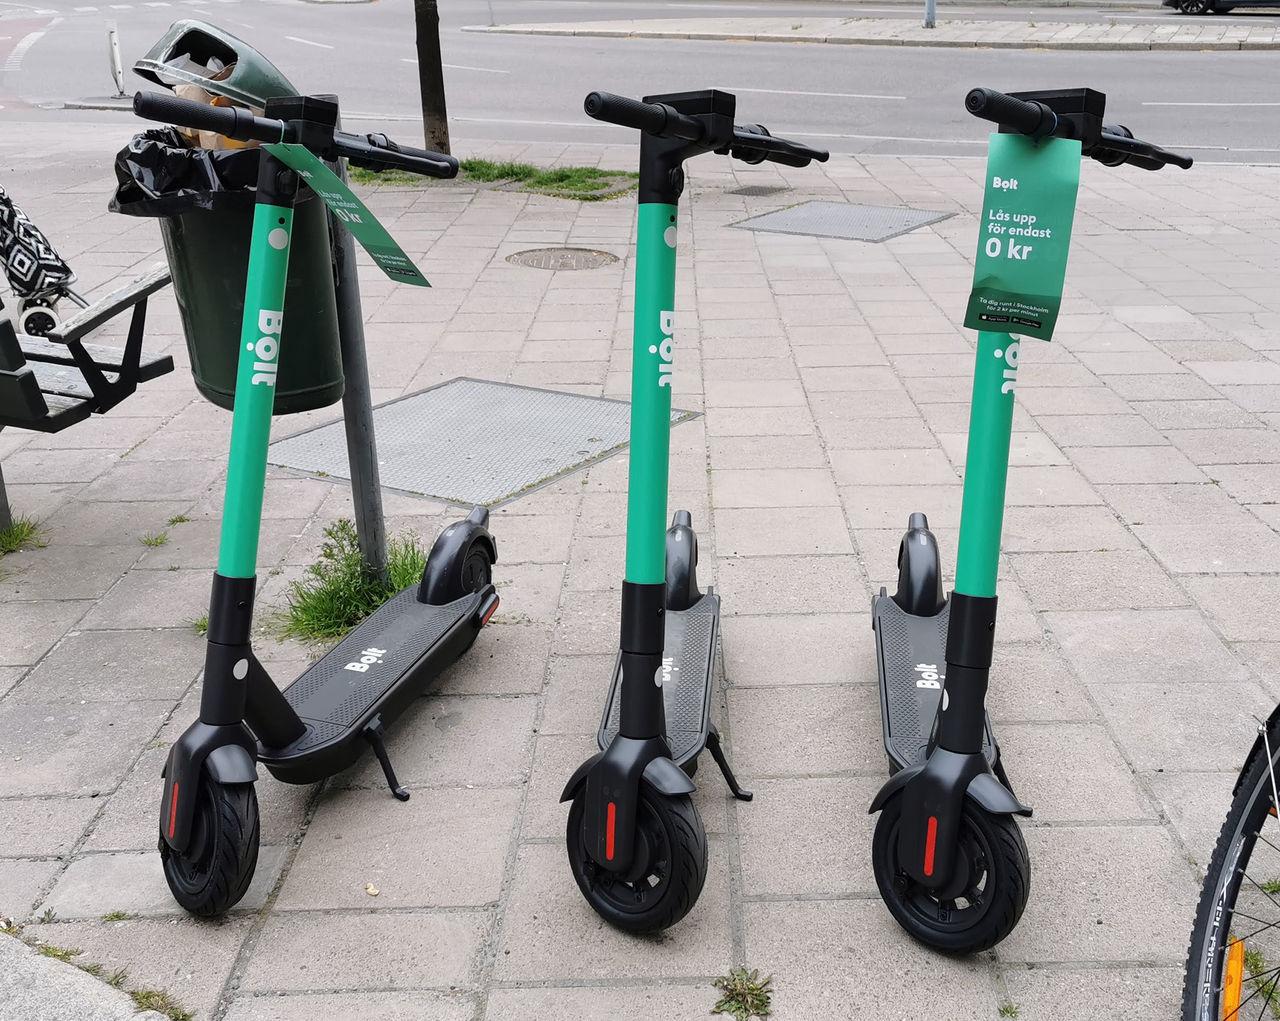 Nu kommer Bolts elsparkcyklar även till Göteborg